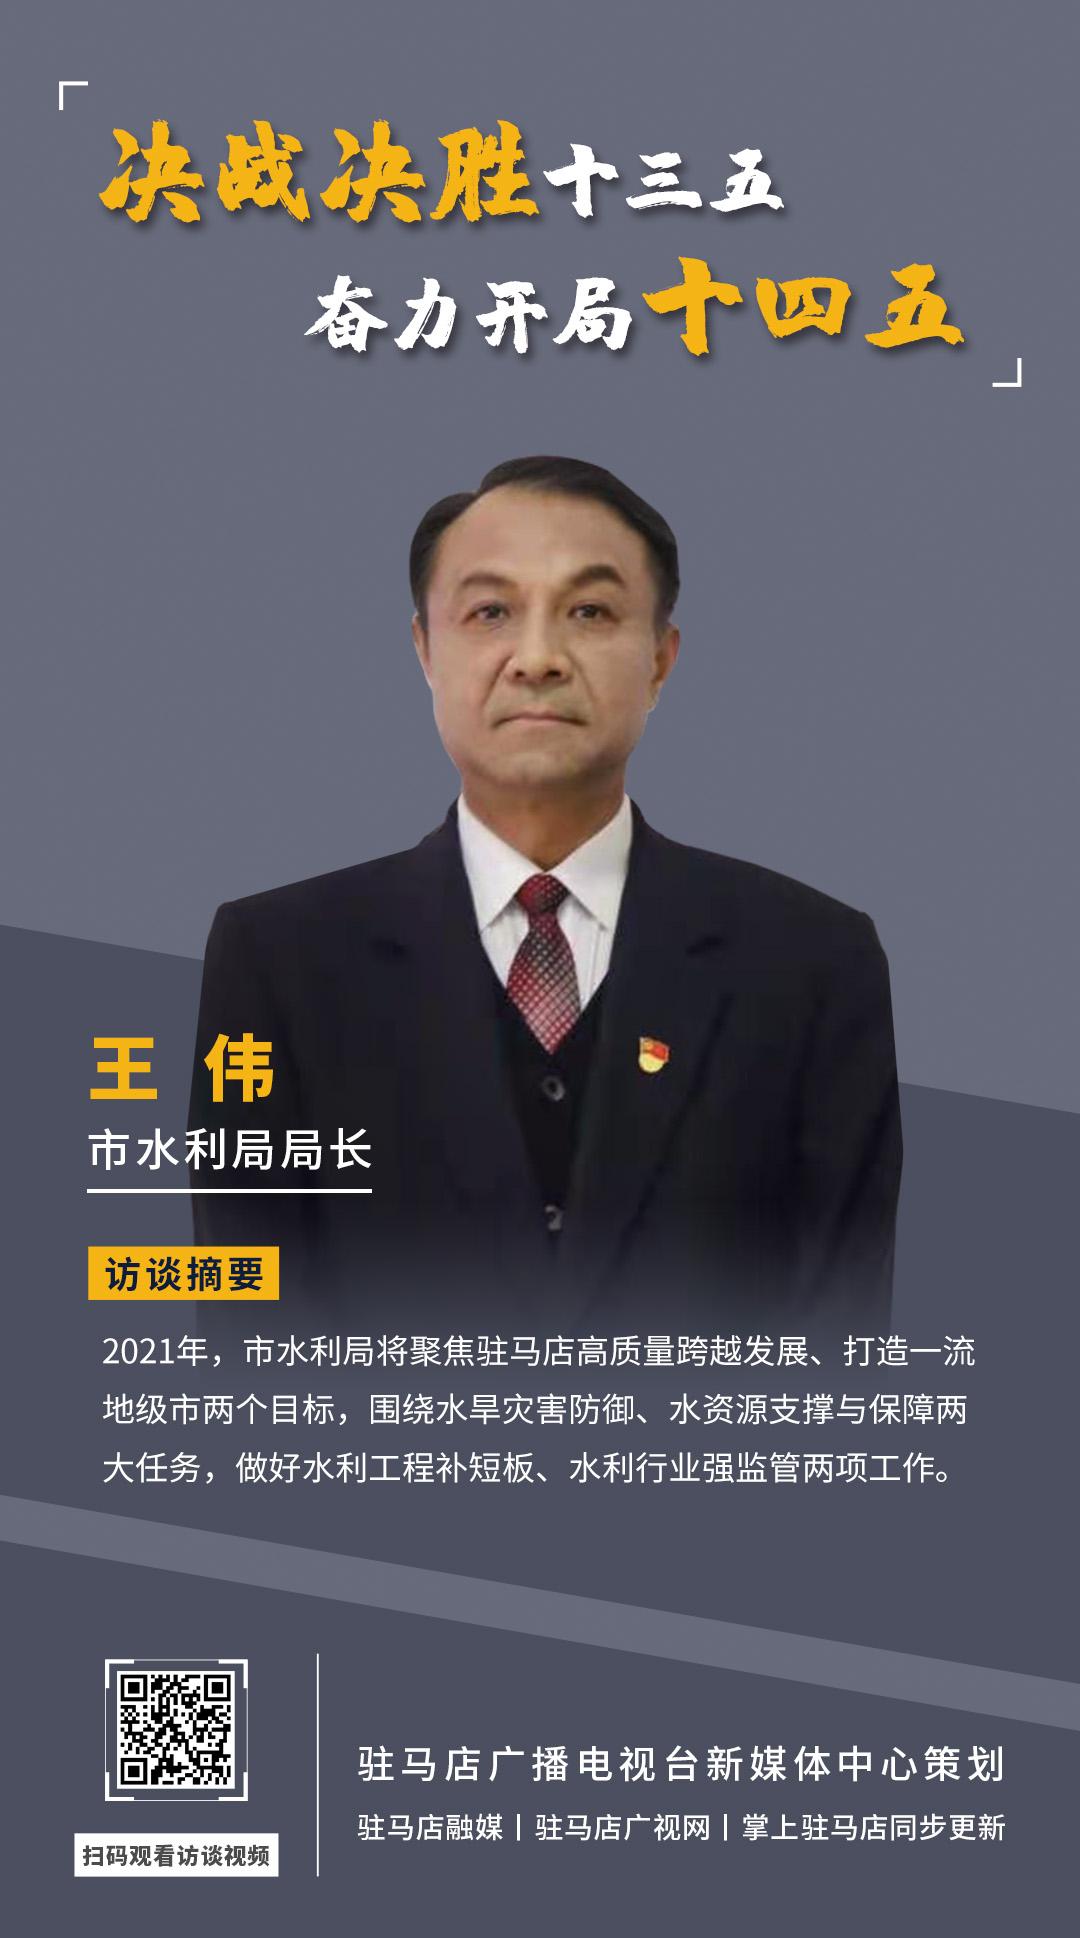 《决战决胜十三五、奋力开局十四五》系列访谈——市水利局局长 王伟